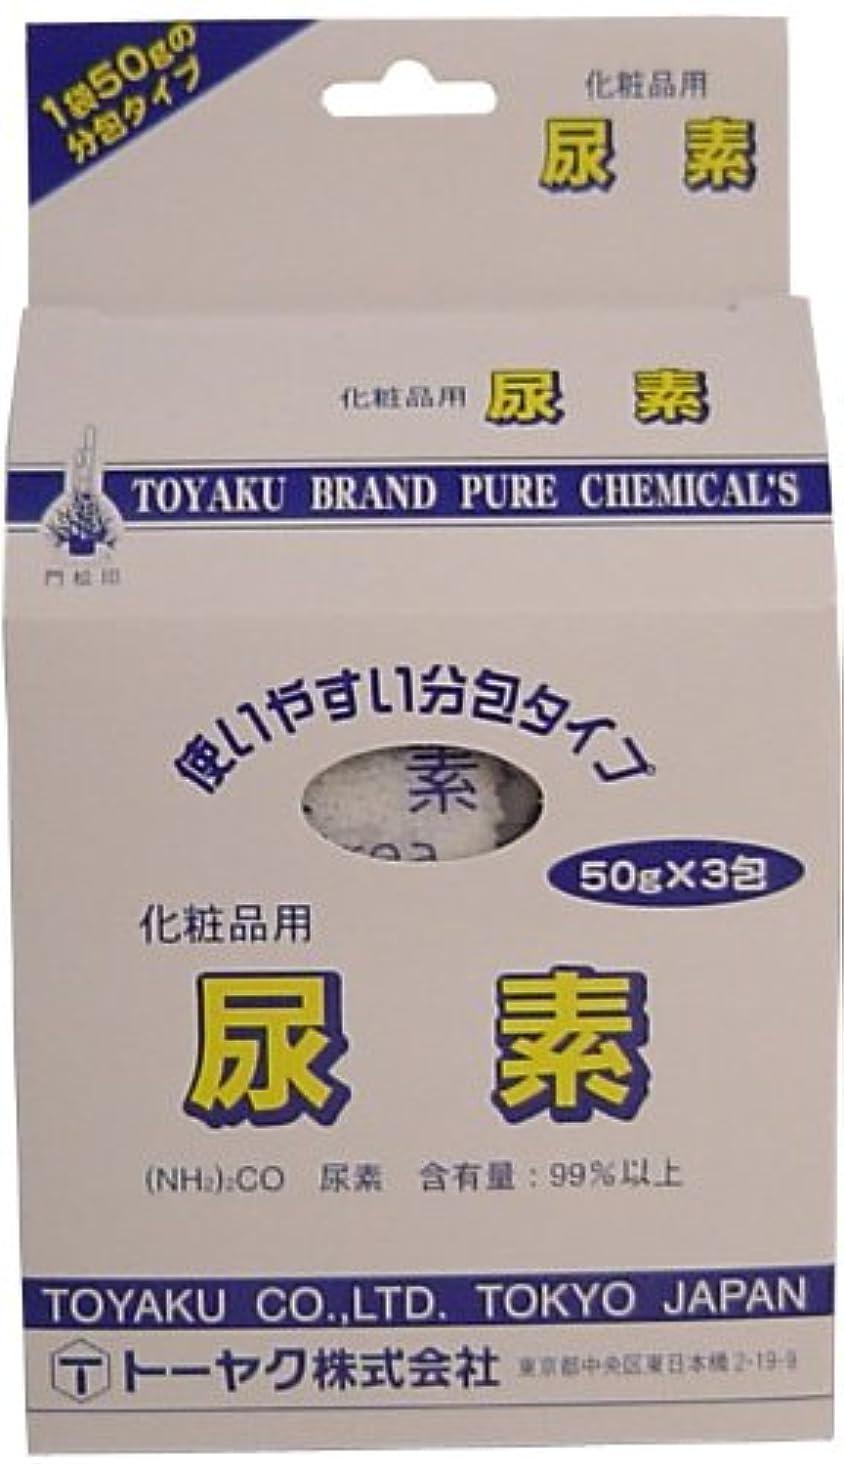 蒸留する正直老人化粧品用 尿素 50g×3包